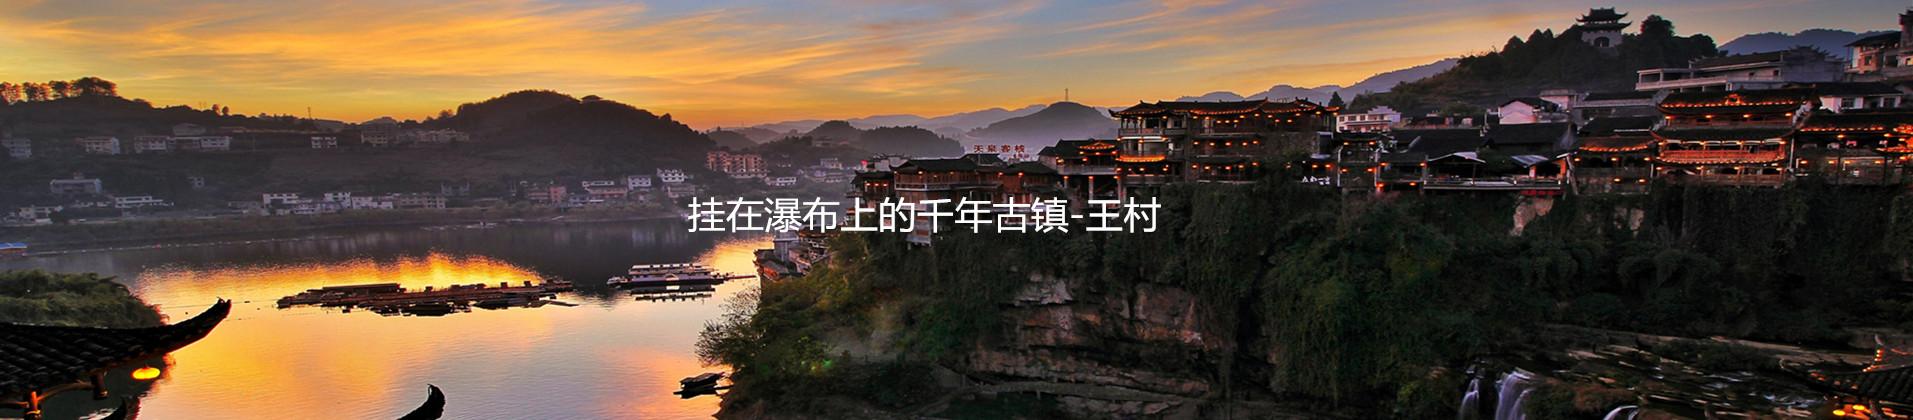 凤凰古城旅游官方网站精彩活动